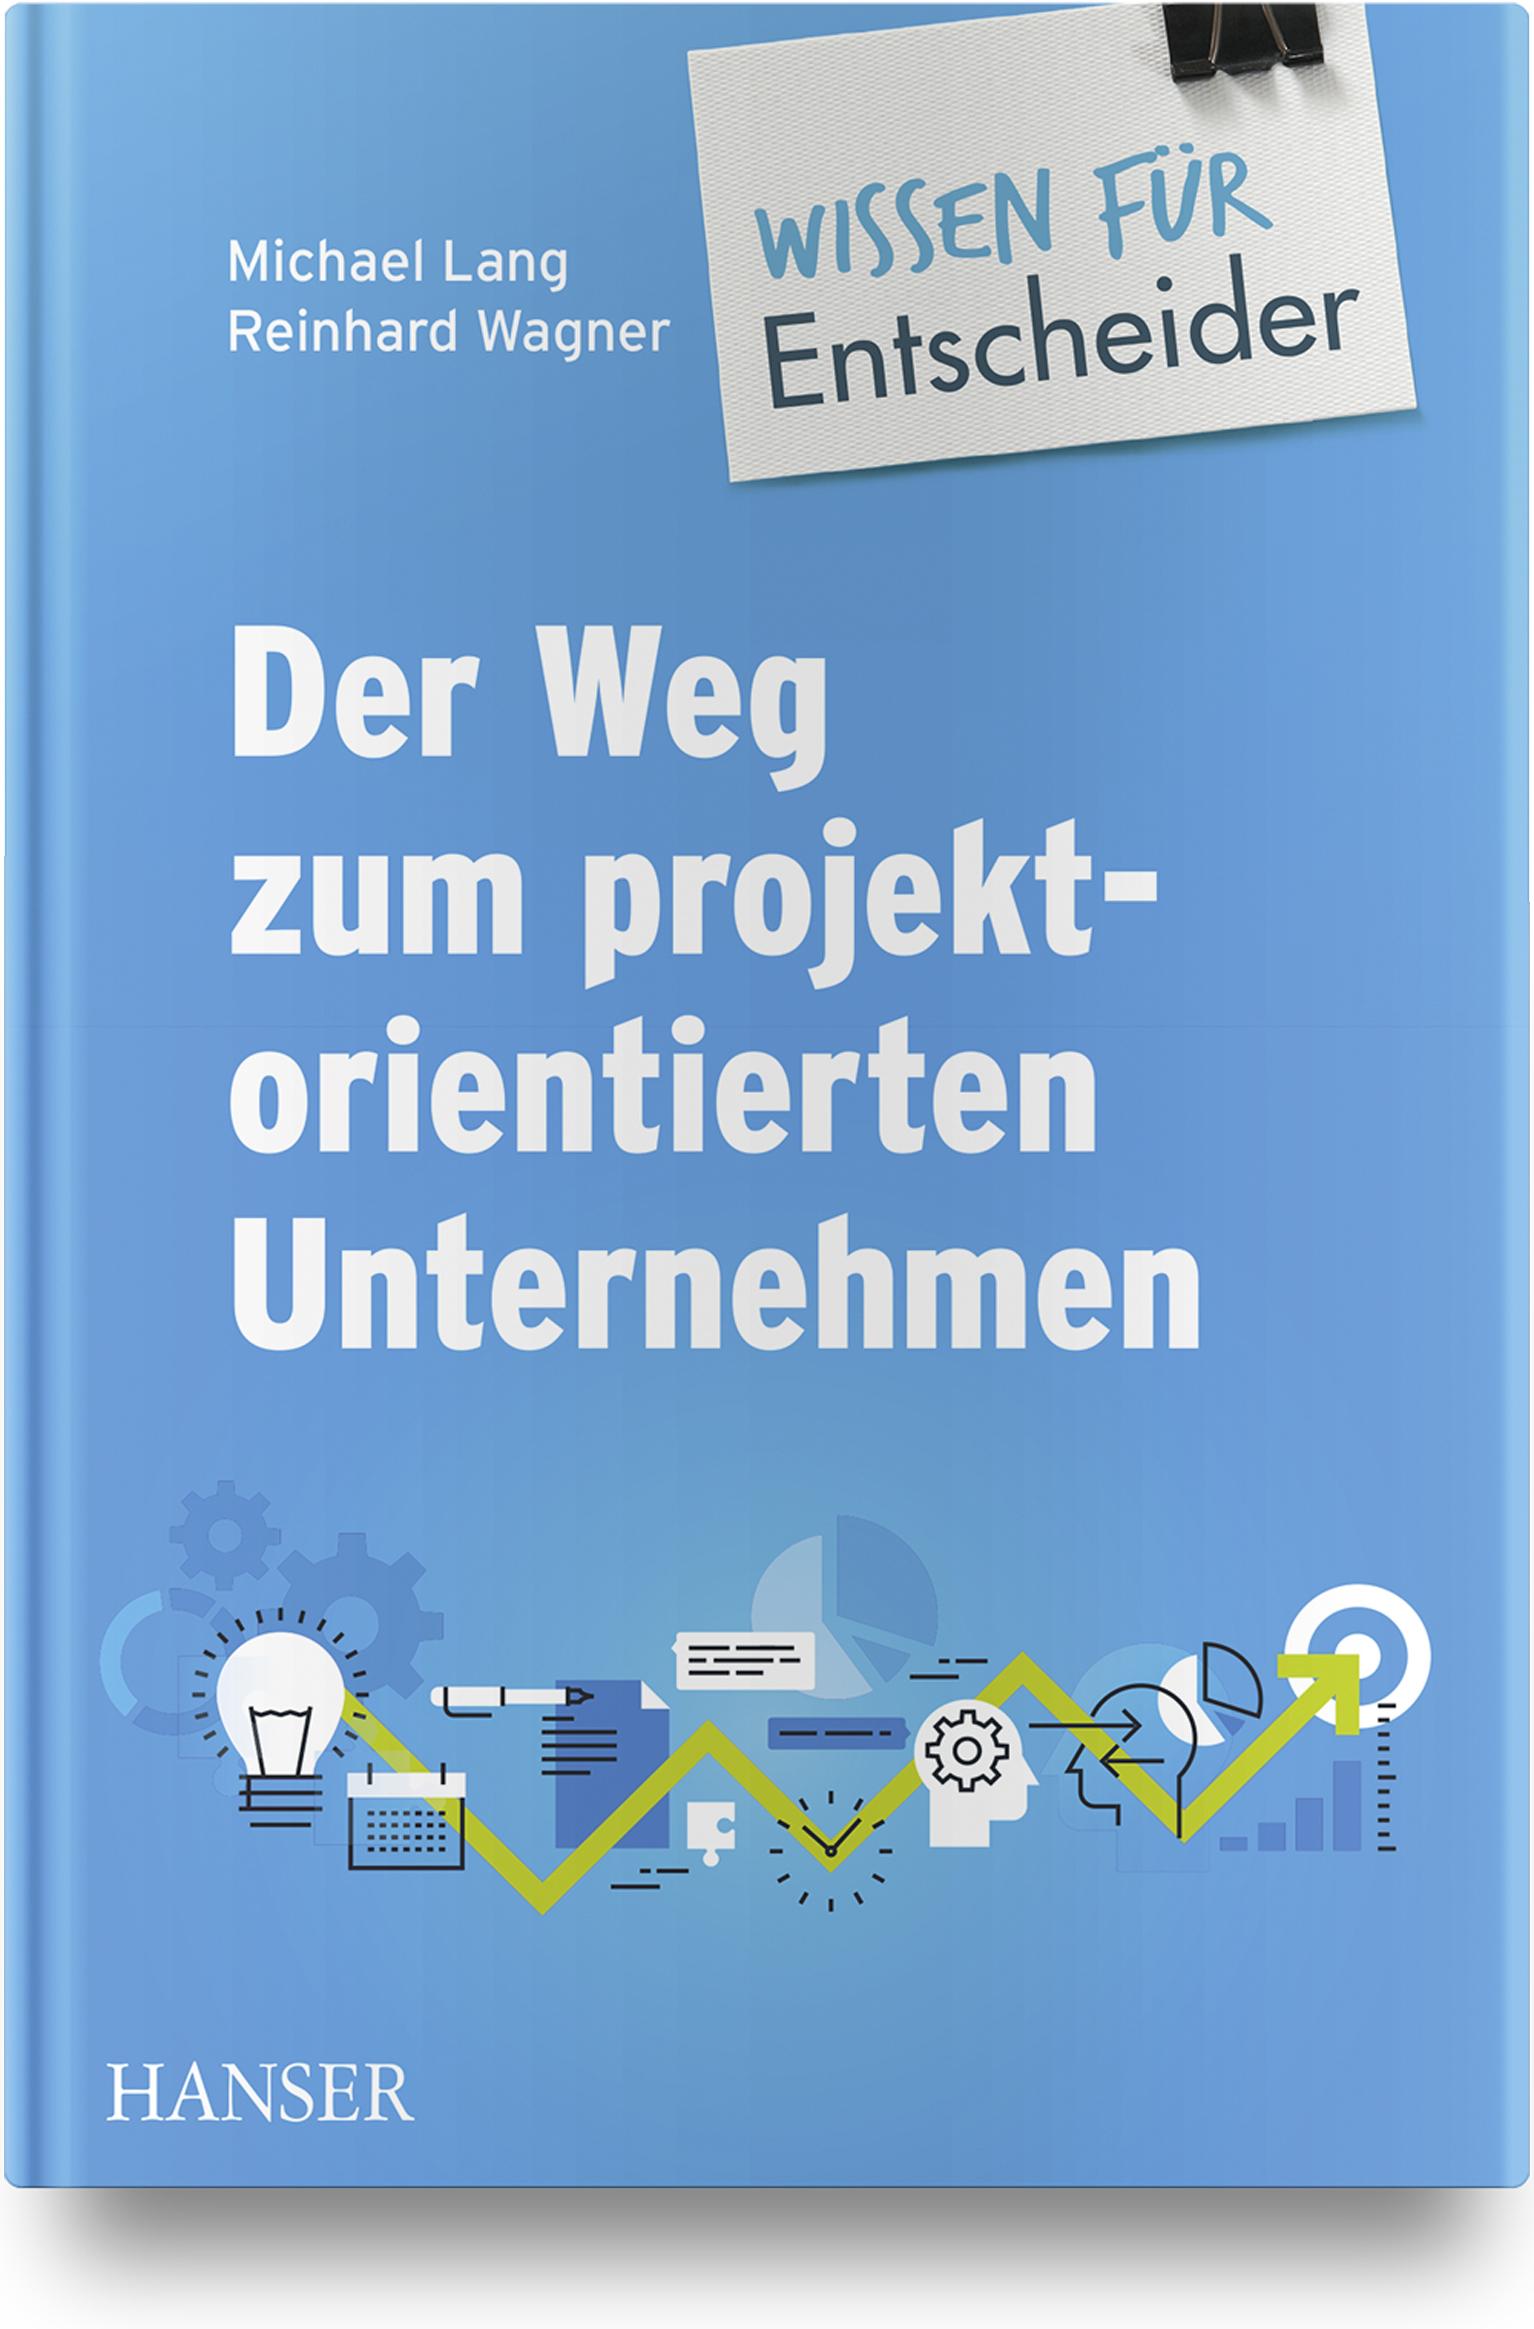 Der Weg zum projektorientierten Unternehmen - Wissen für Entscheider, 978-3-446-45837-6